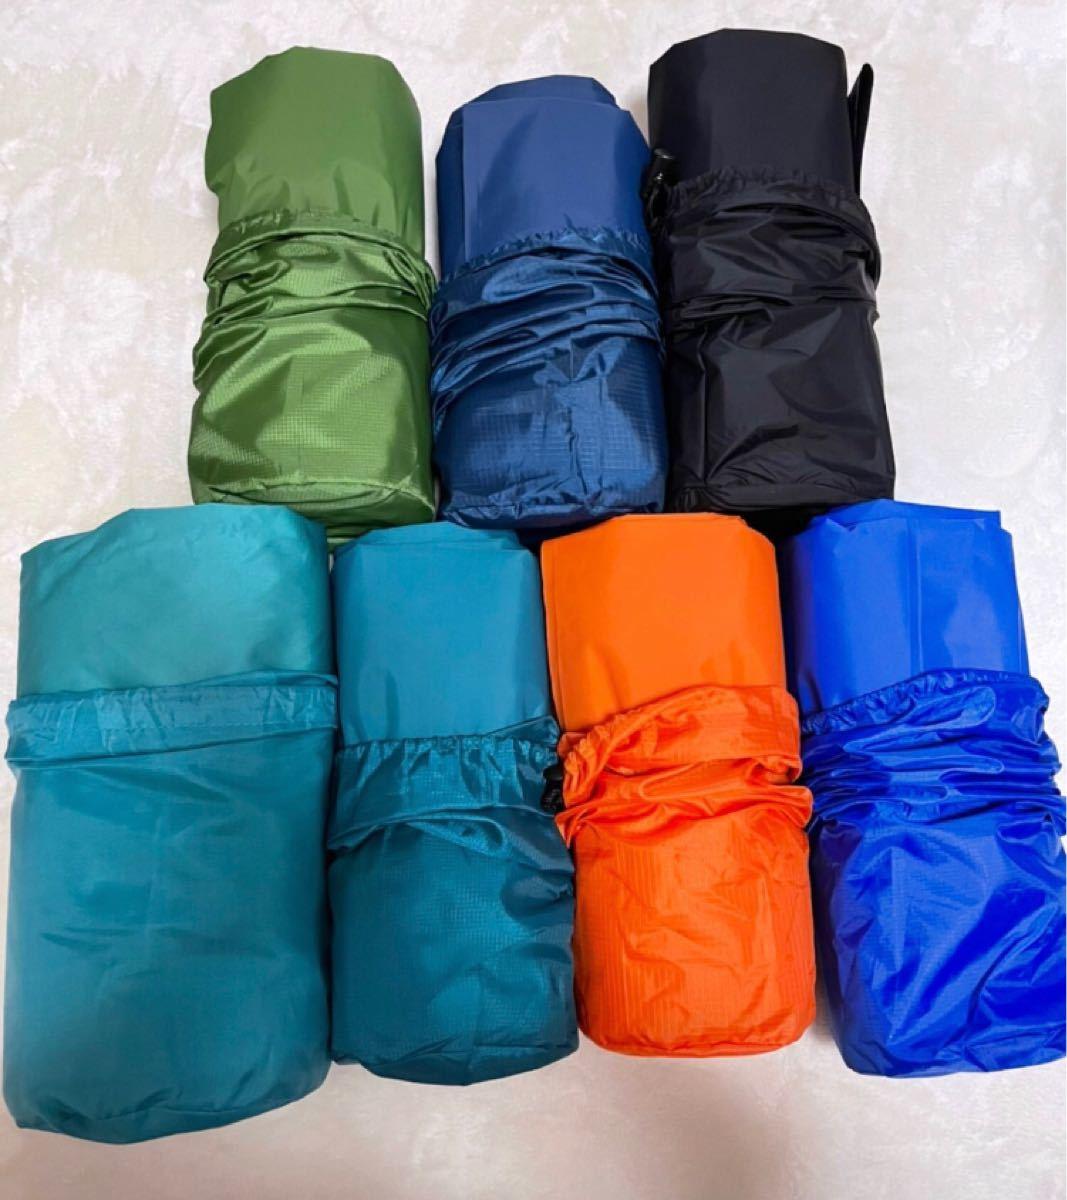 エアーマット シングル コンパクト [枕付き エアーベッド] アウトドア キャンプ 寝袋 防災 車中泊 (200×70×厚み7cm